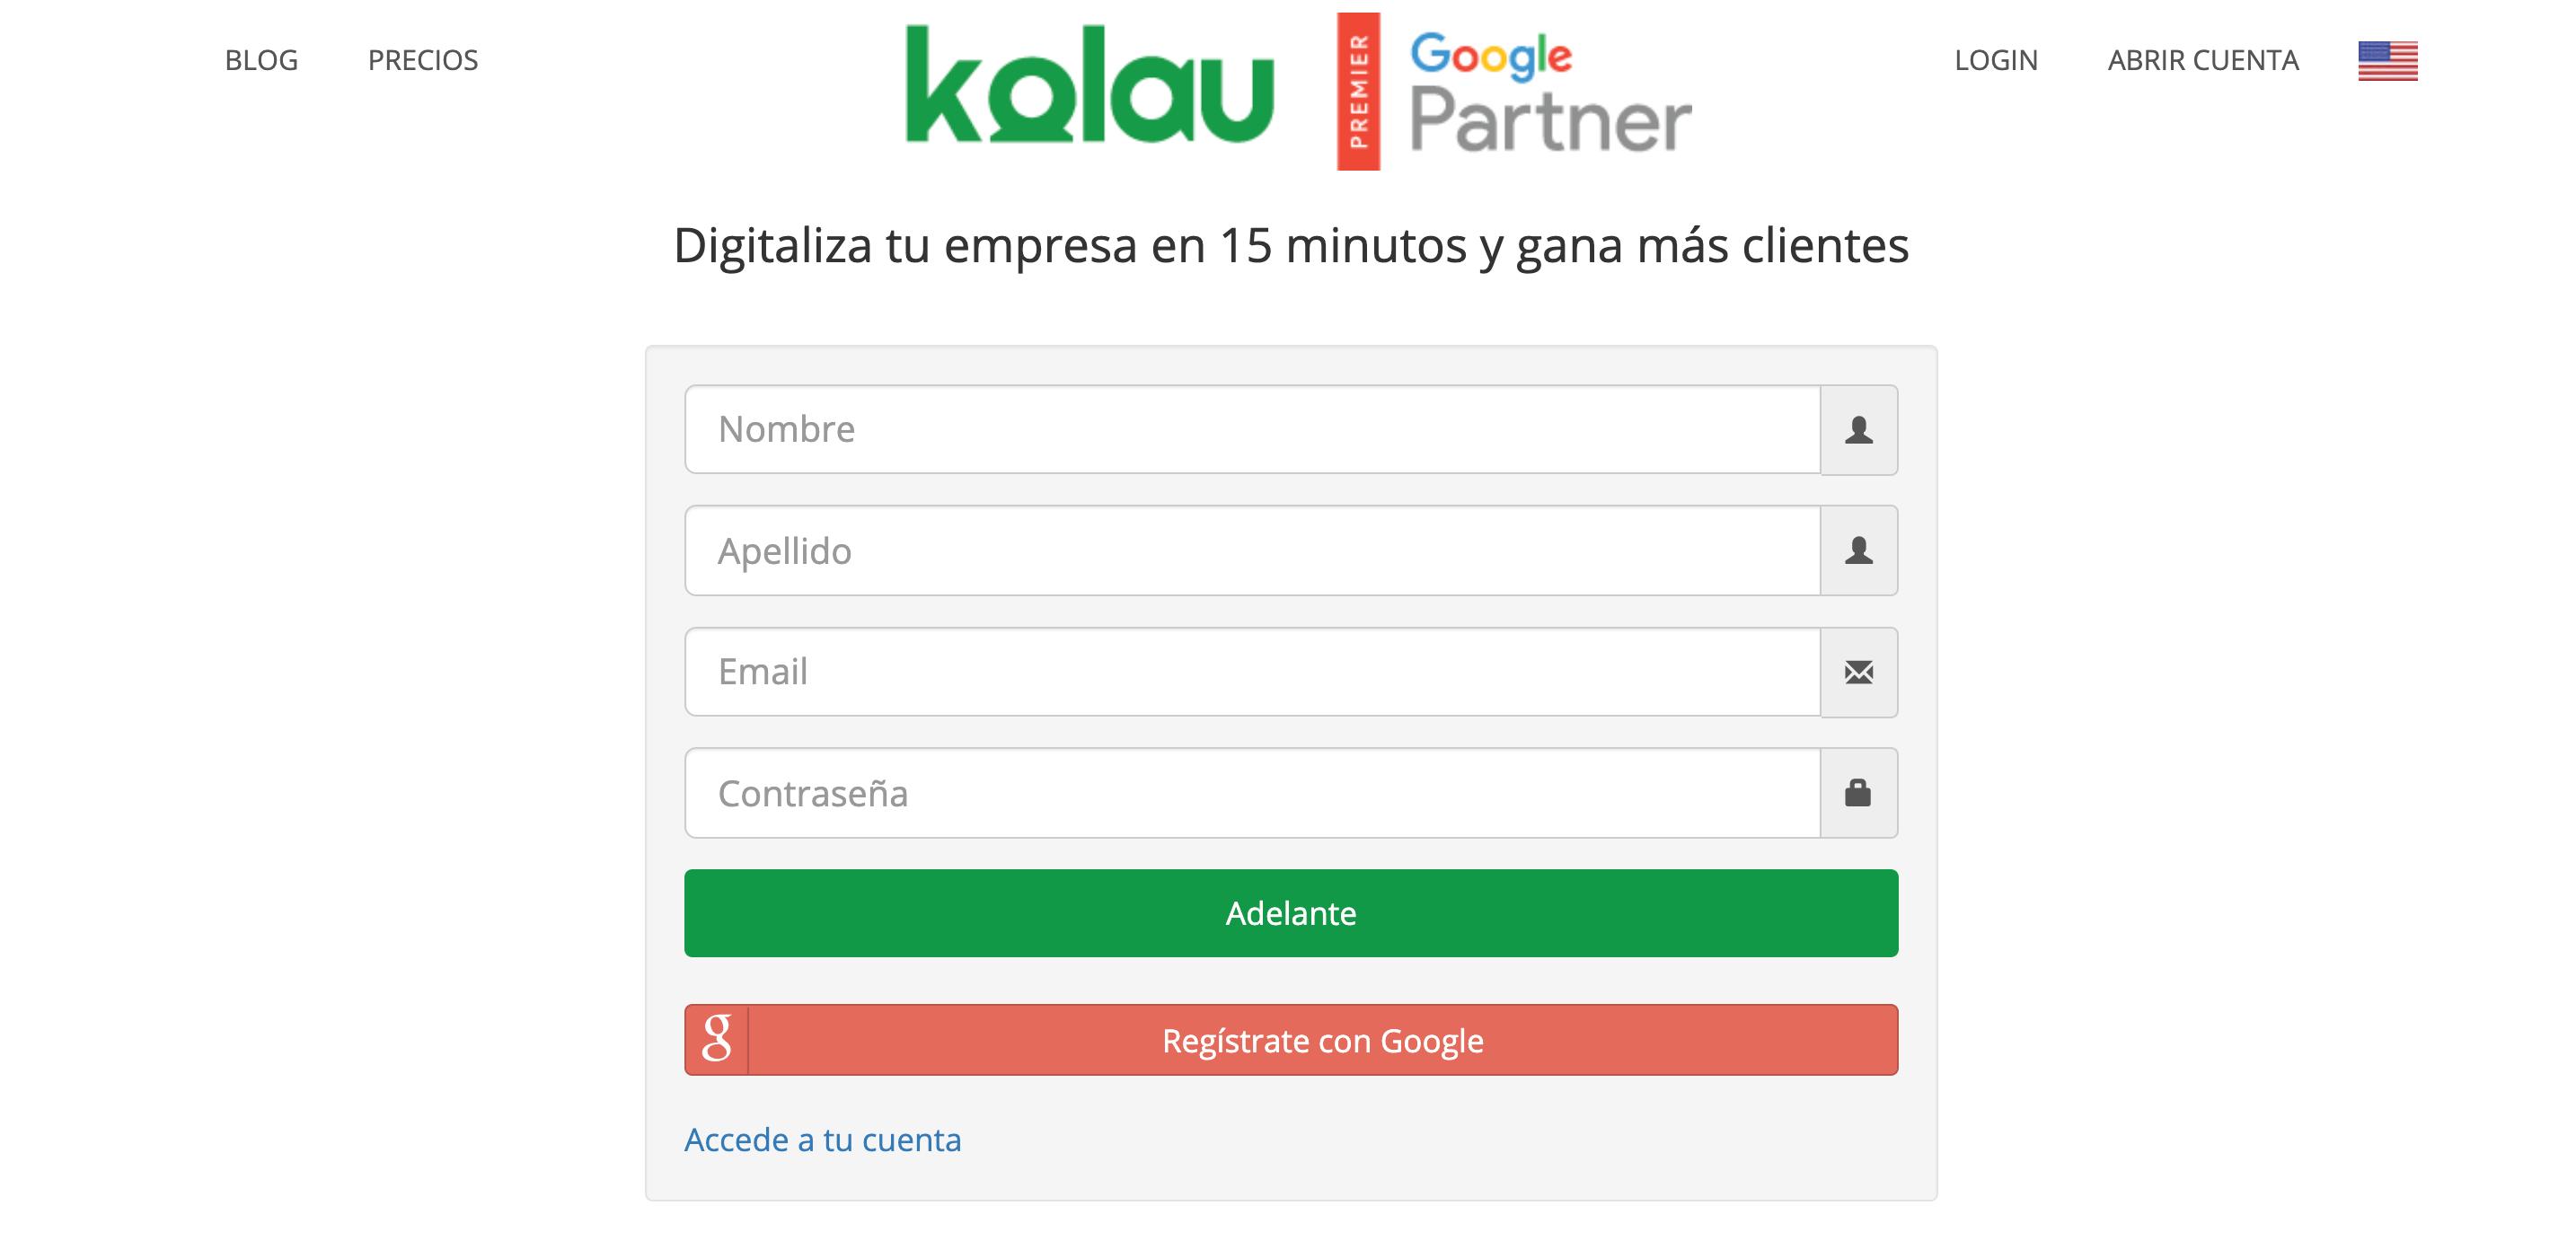 Crear Página Web para vender ropa. Datos personales